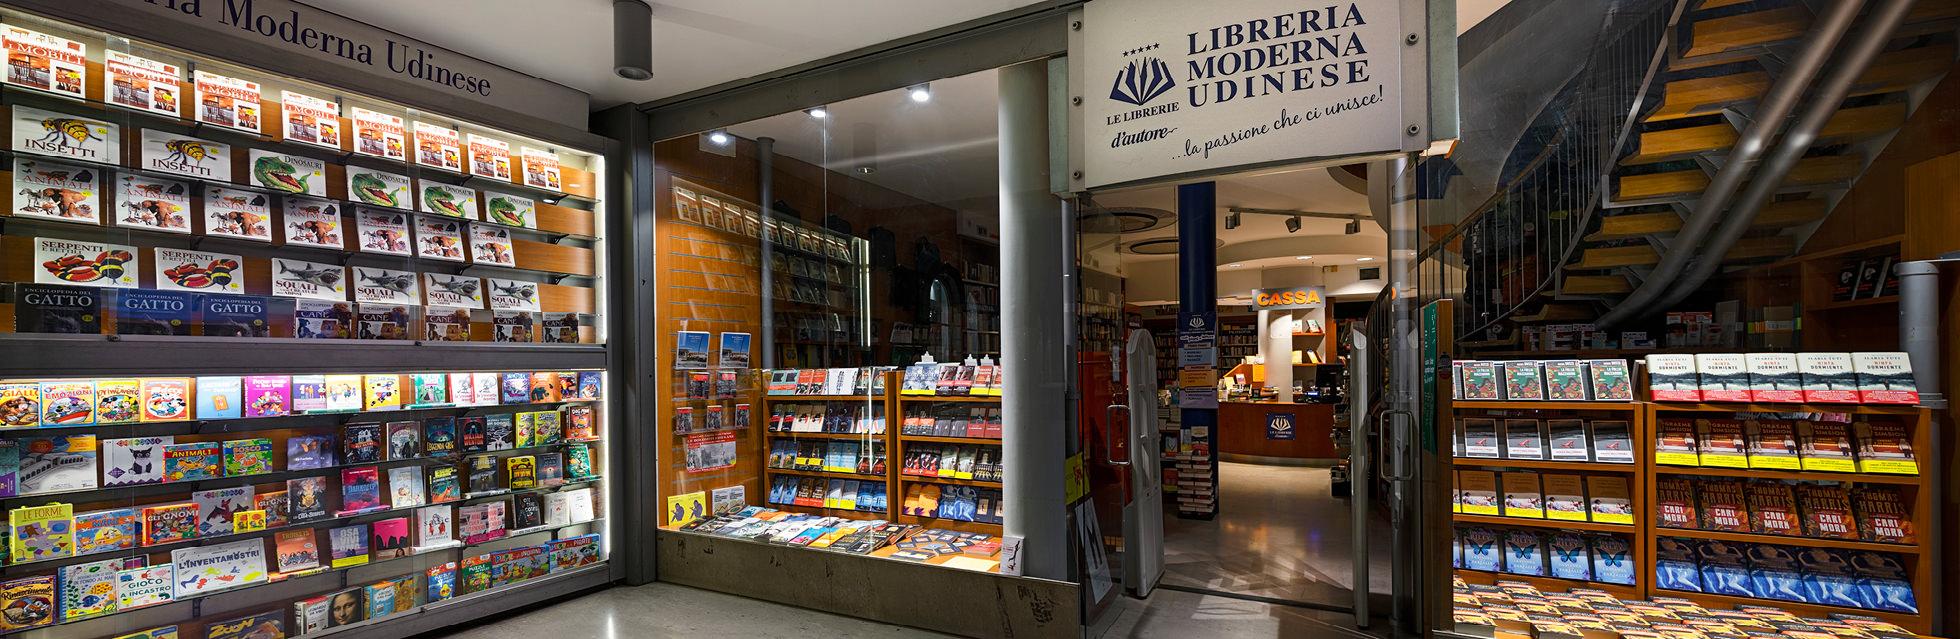 Ingresso della Libreria Moderna Udinese